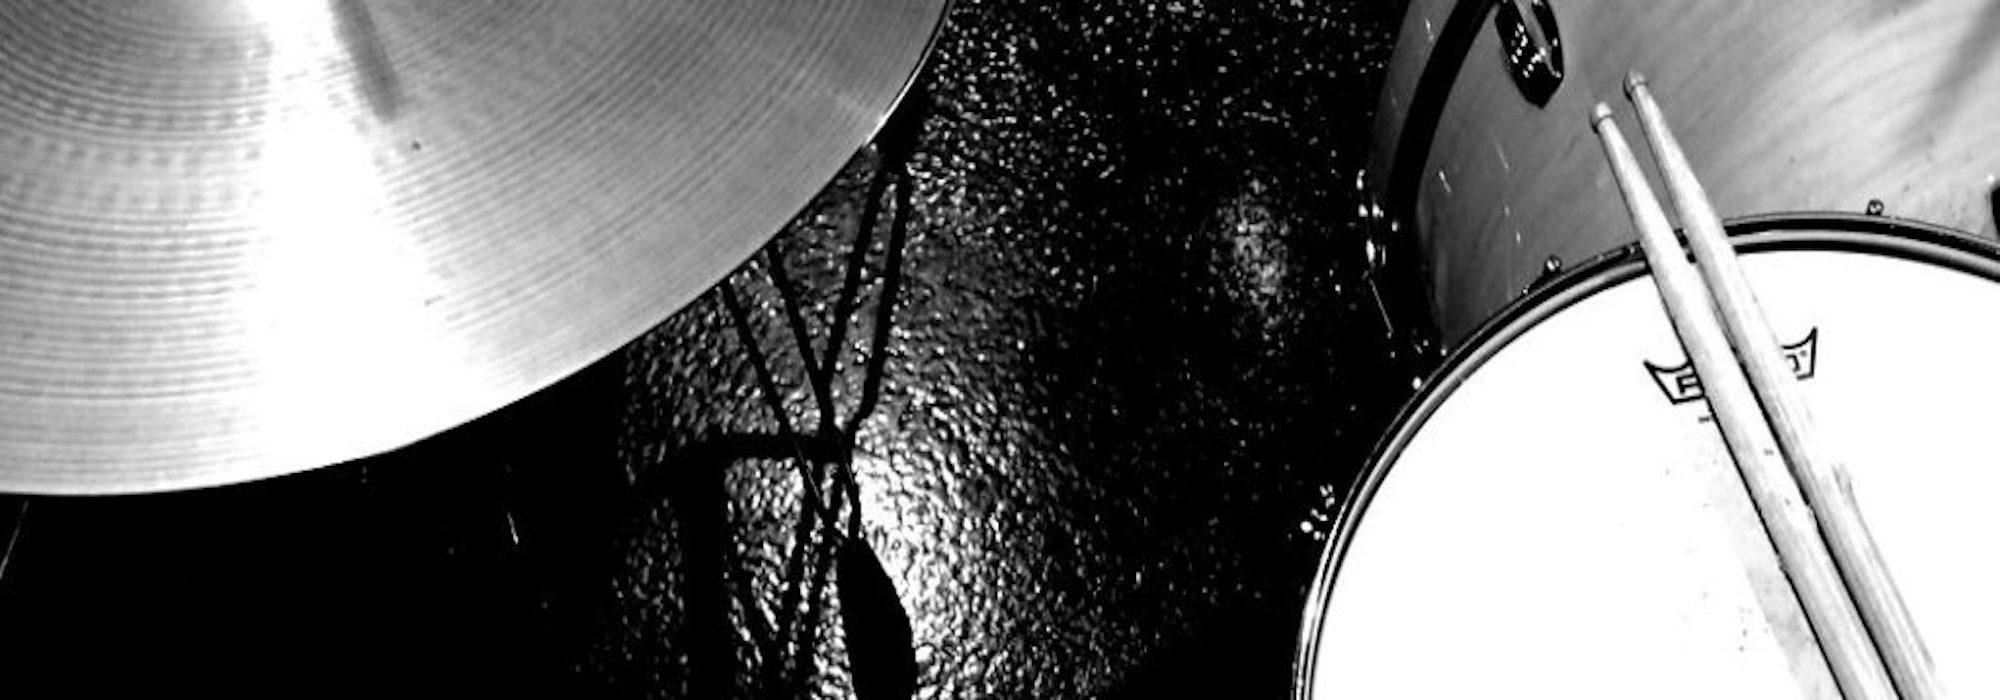 ドラムを叩くミニマリストのドラムレッスン